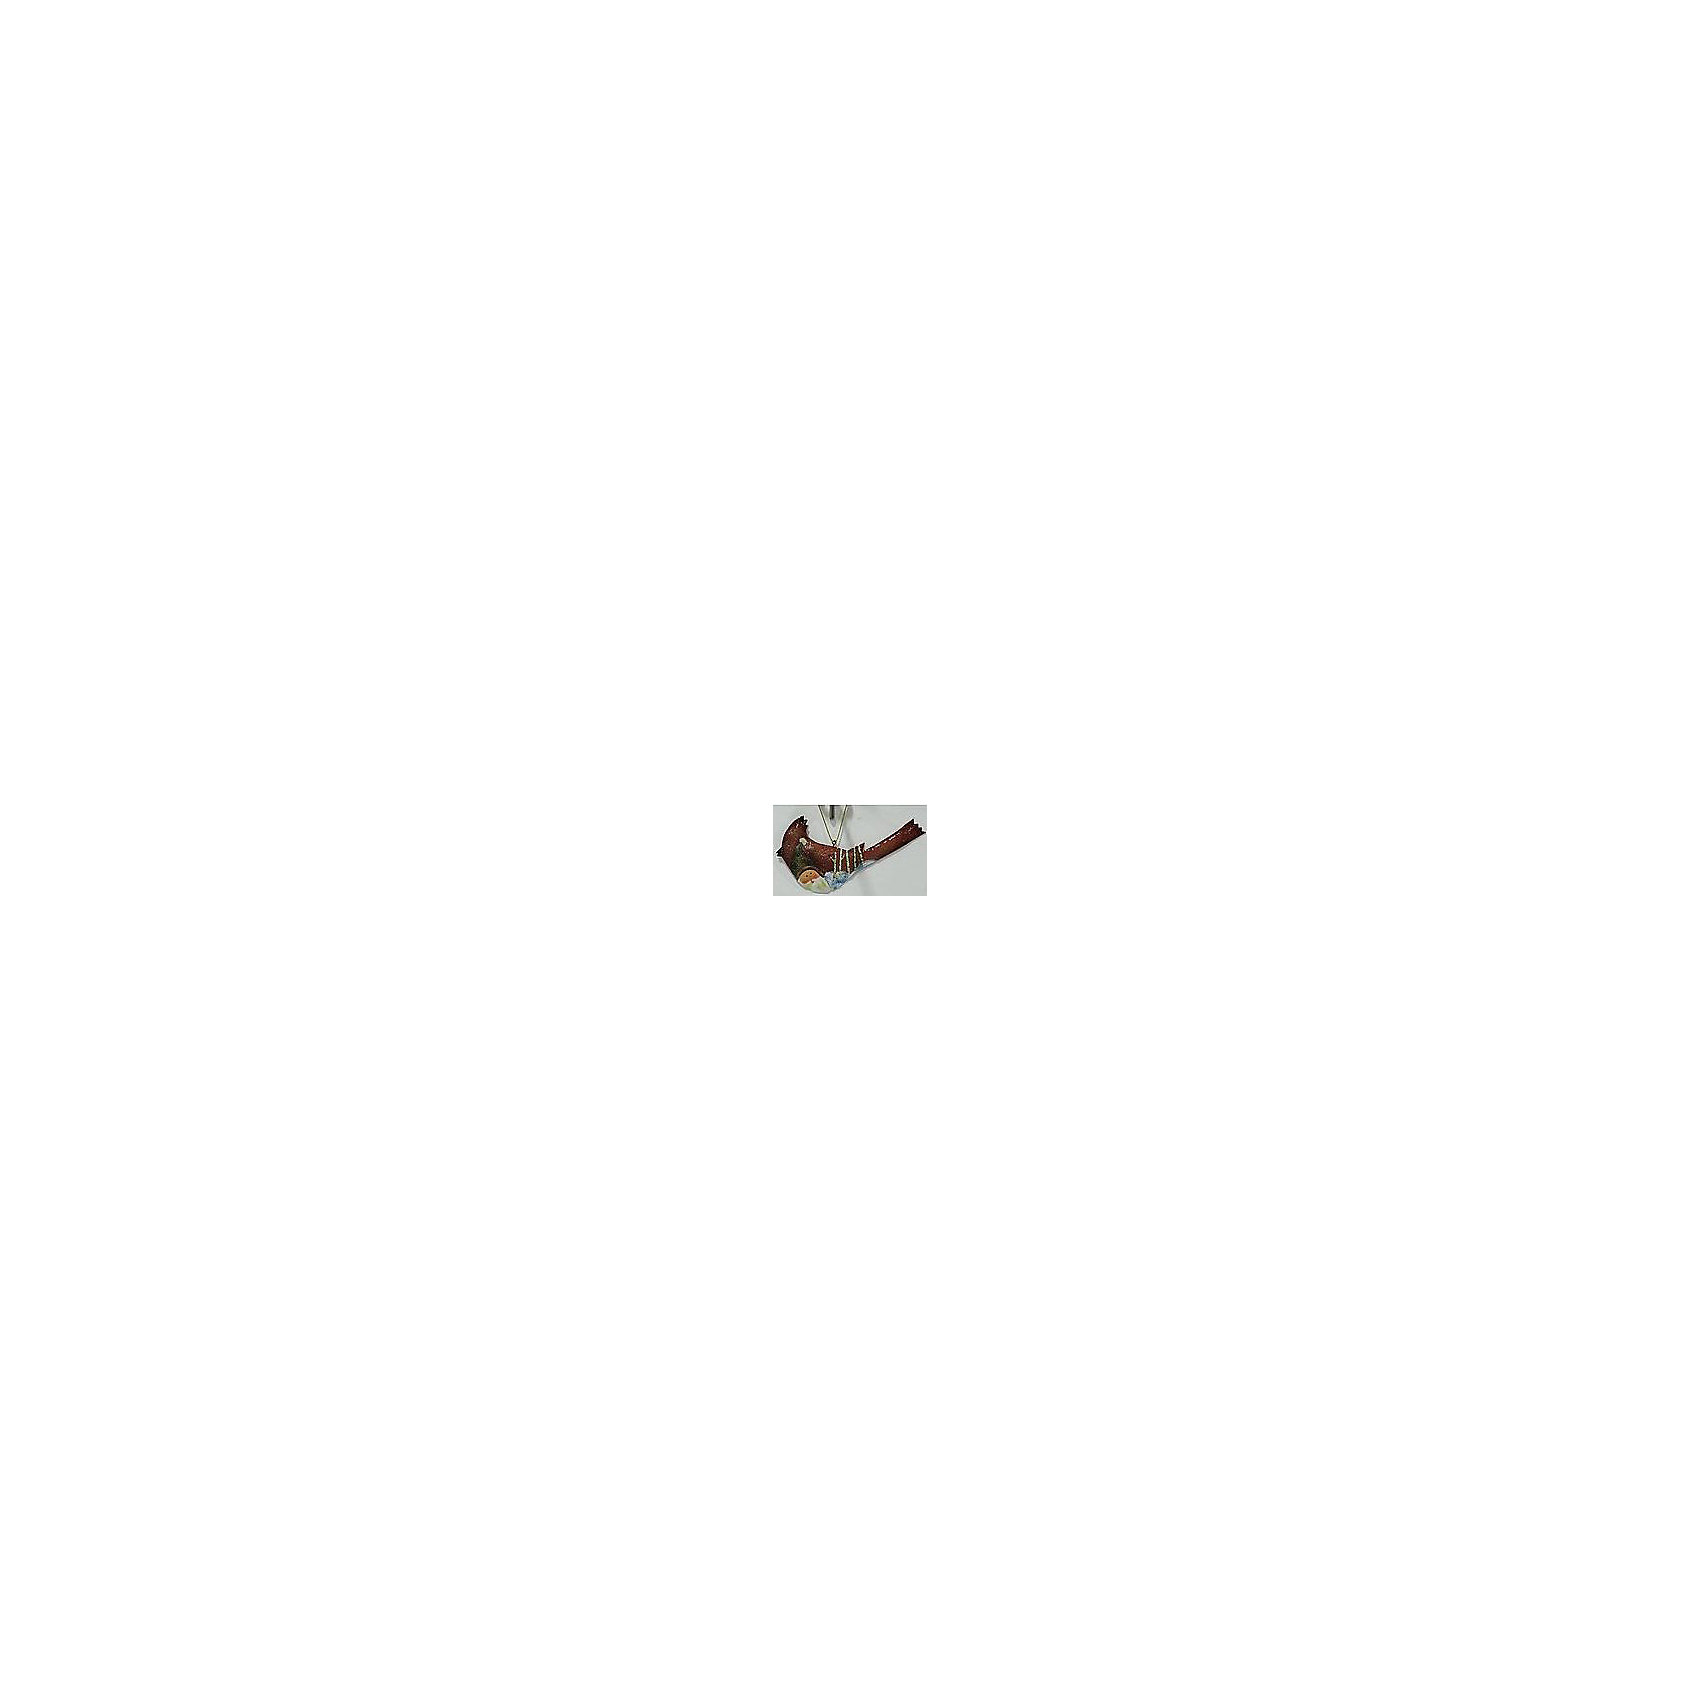 Феникс-Презент Новогоднее подвесное украшение (14x0,99х7,5см, окрашенный черный металл) новогоднее подвесное украшение феникс презент кленовый лист